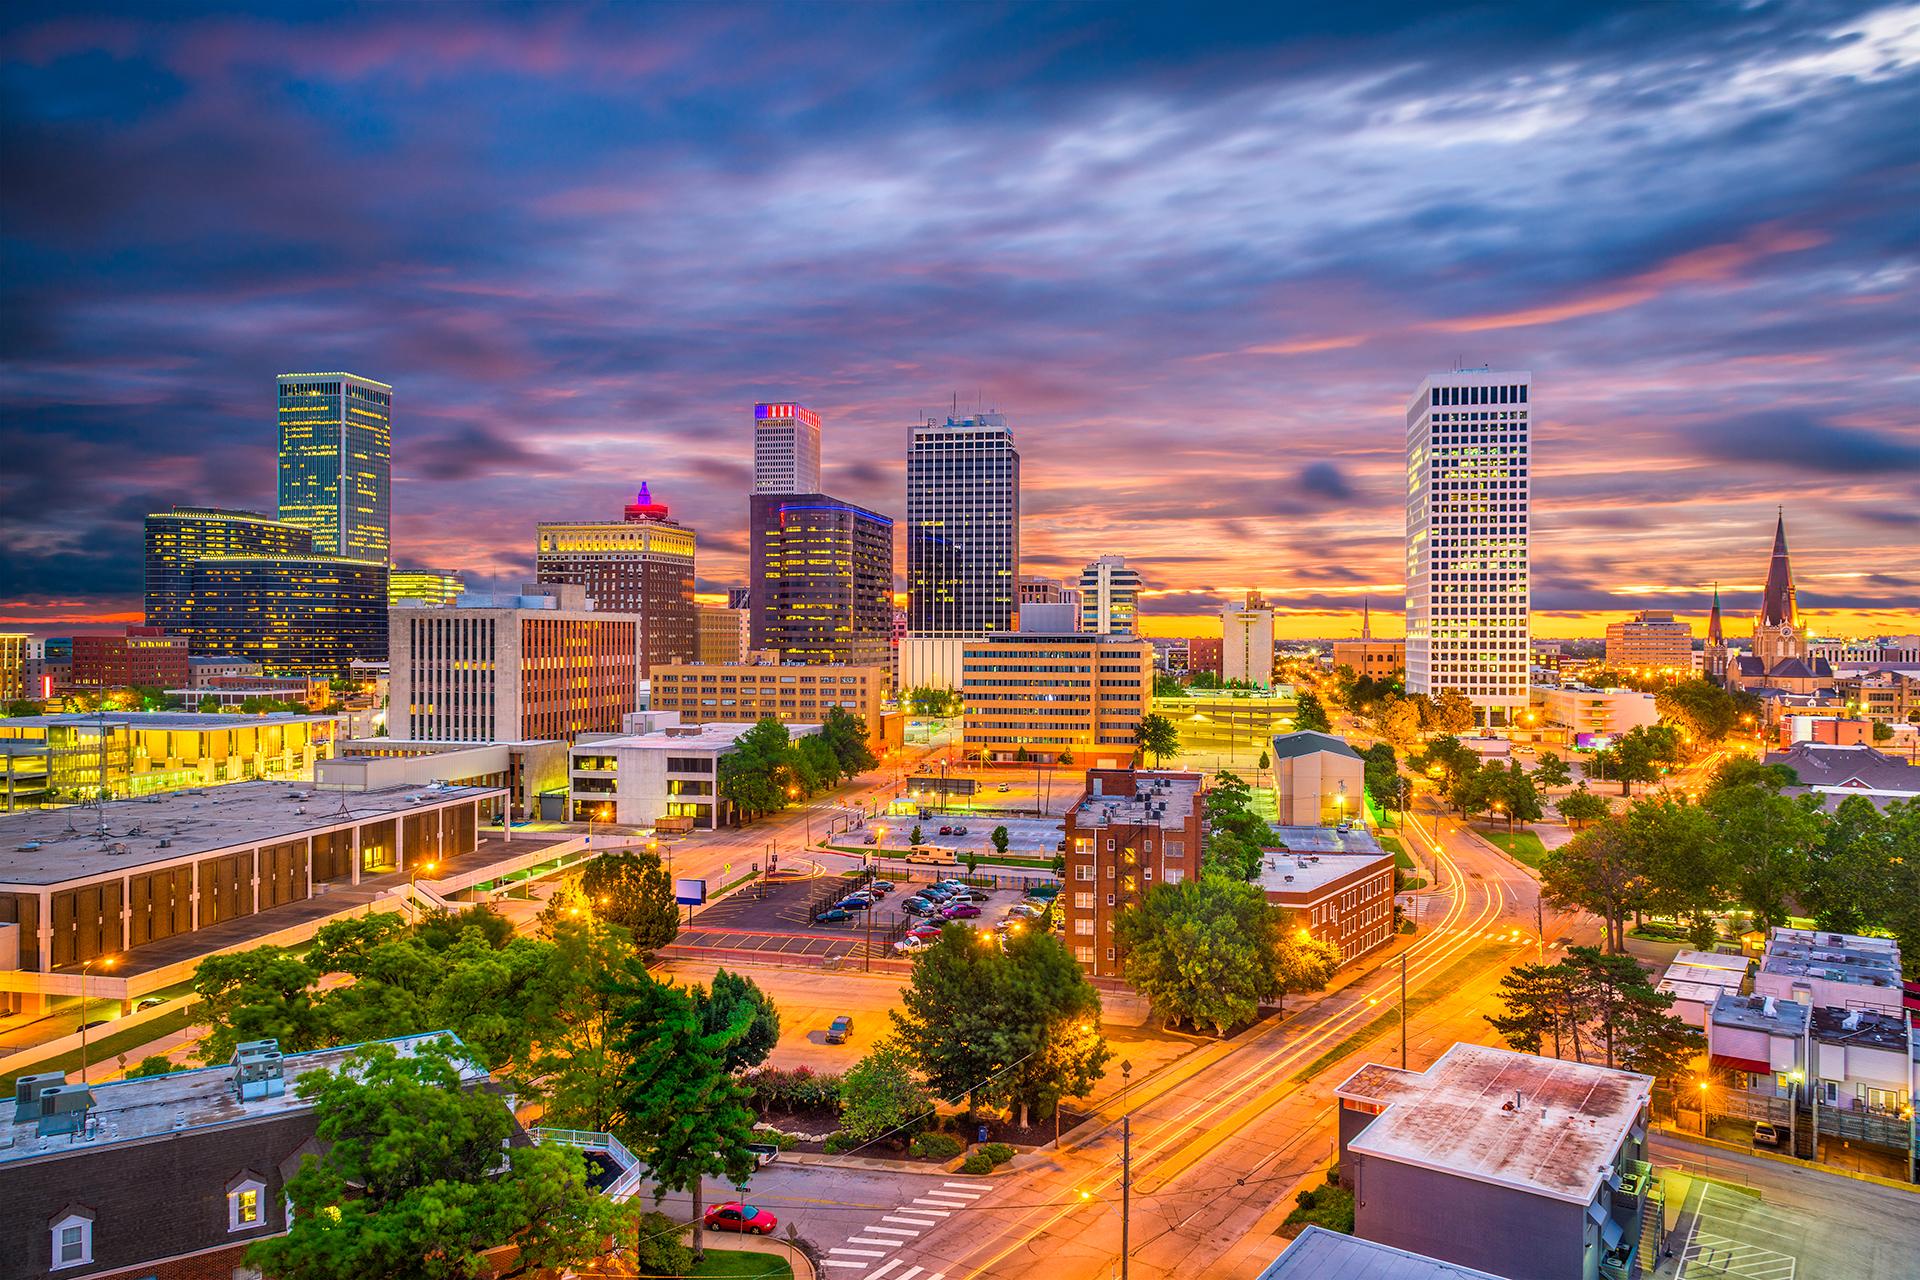 Es la segunda ciudad más grande del estado estadounidense de Oklahoma, y la número 46 de los Estados Unidos. Es un lugar de contrastes junto al Arkansas River (río Arkansas), donde la arquitectura art déco convive con rascacielos de acero, y la parte rural de Route 66 Americana se encuentra con una moderna escena de entretenimiento